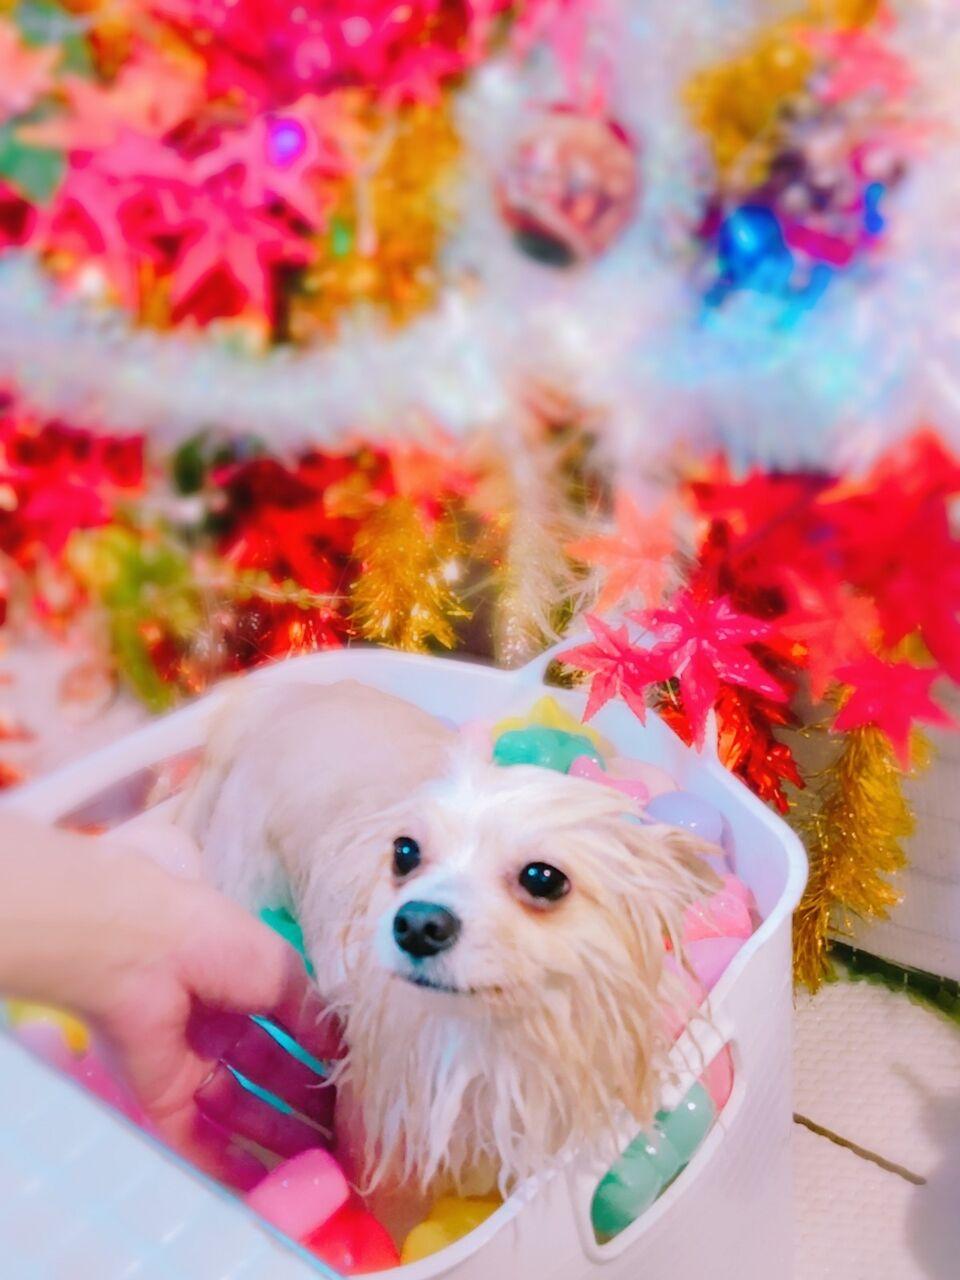 20-11-08-14-29-46-991_photo